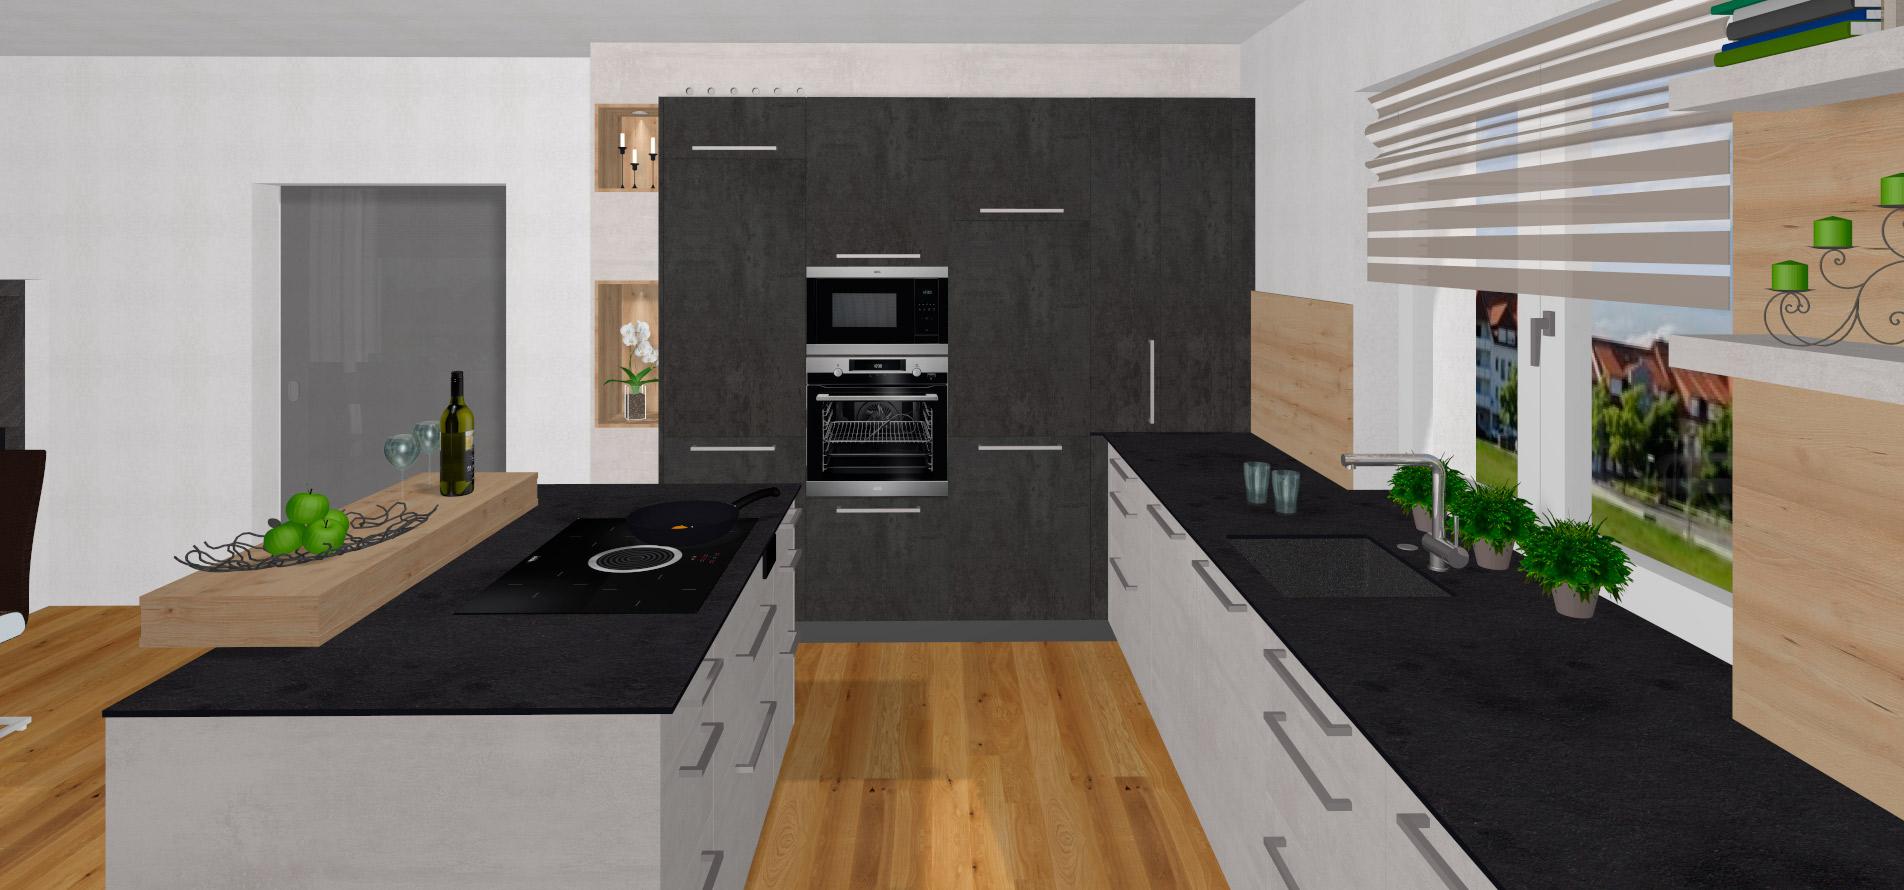 Full Size of Freistehende Küchen Kche Befestigen Elemente Ikea Kchenmbel Selber Küche Regal Wohnzimmer Freistehende Küchen